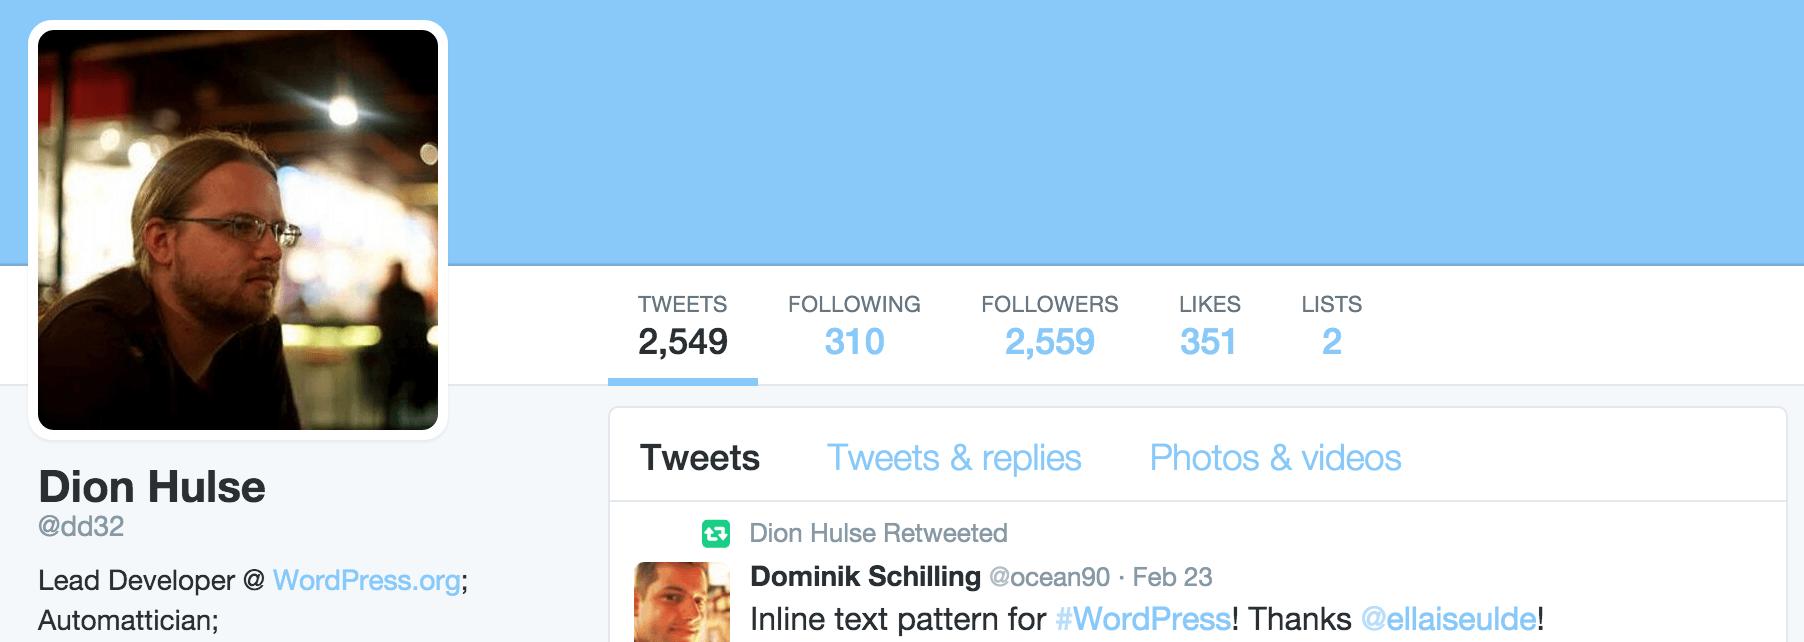 Dion Hulse